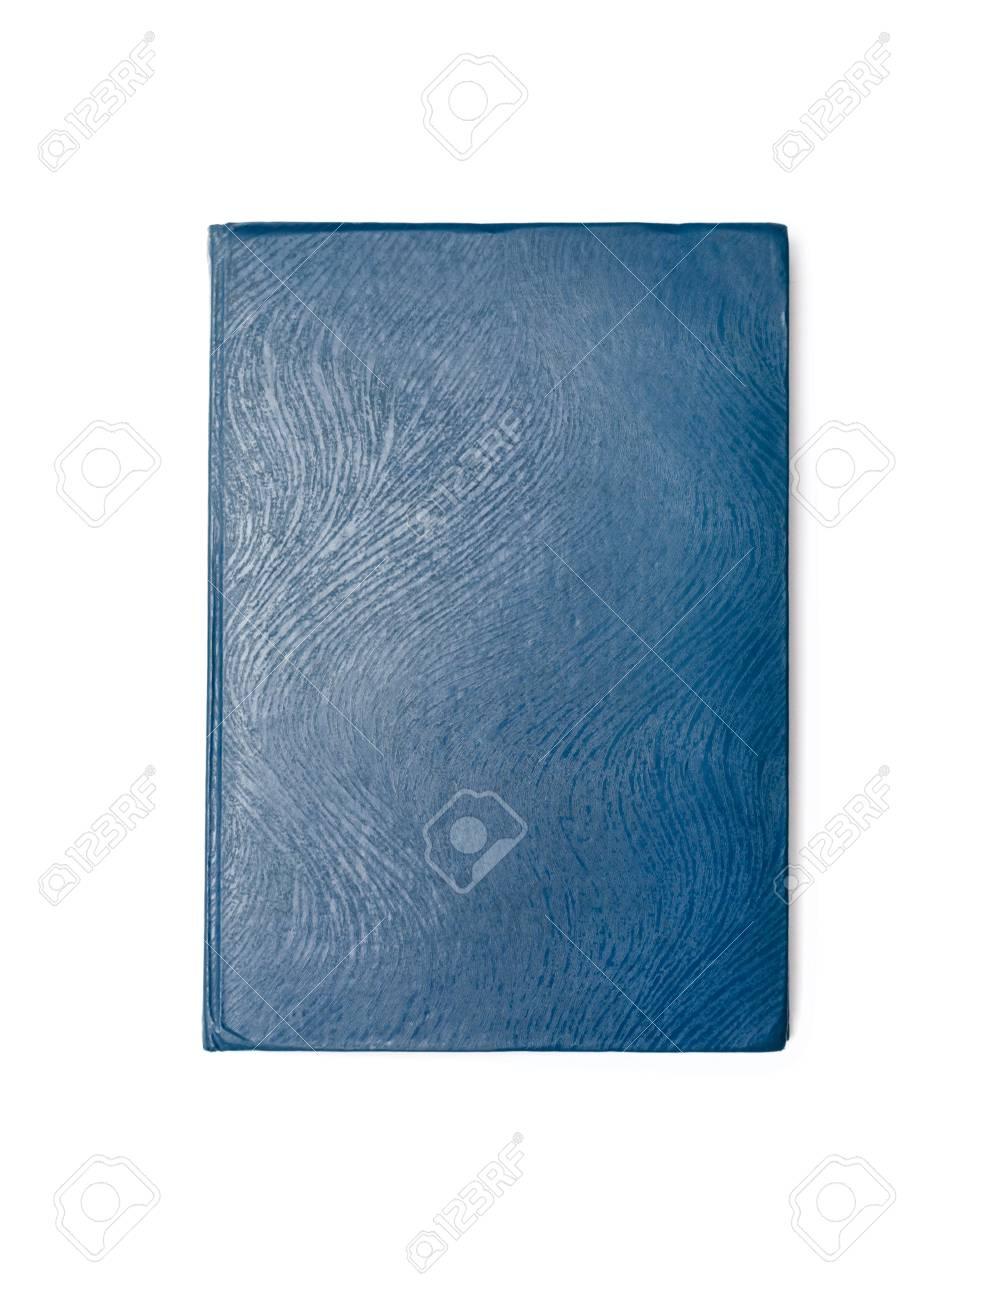 Blue Livre Ferme Isole Sur Fond Blanc Vue D En Haut